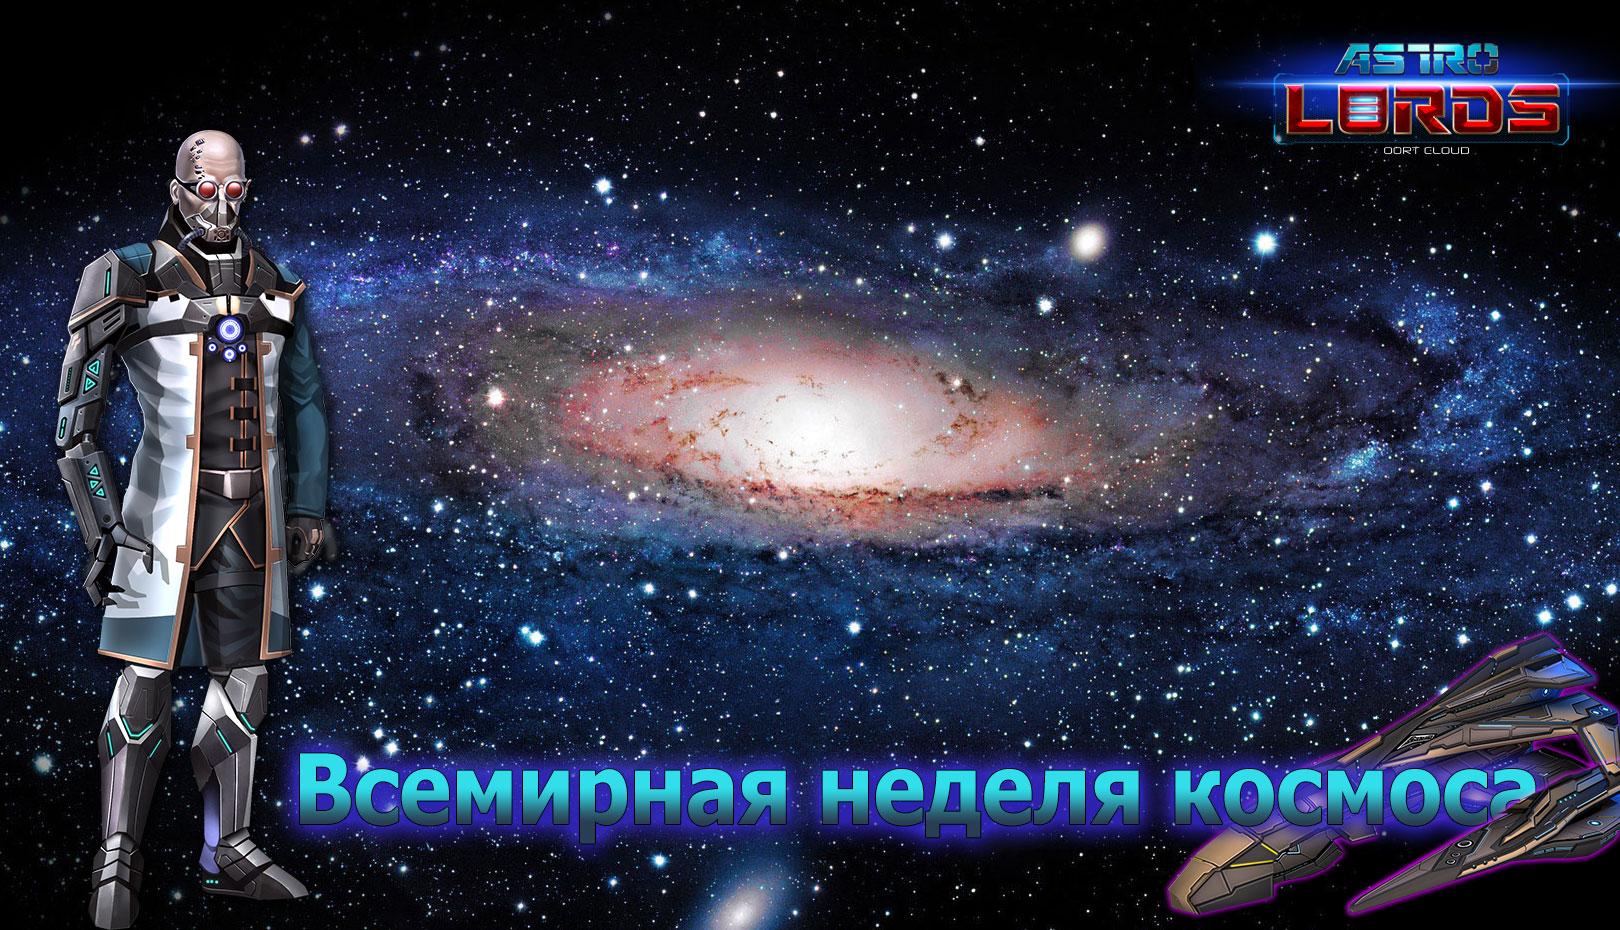 astrolords game астролорды космос неделя всемирная игра онлайн ммо strategy инди праздник бонус